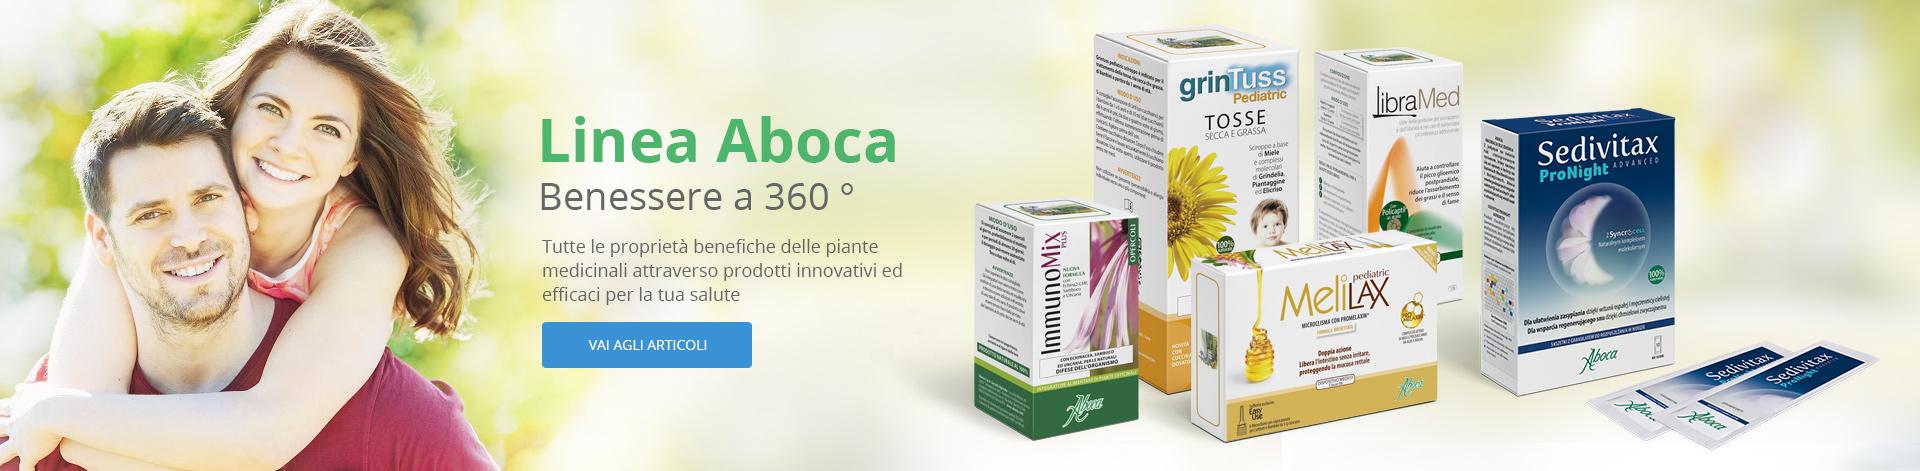 aboca_slide